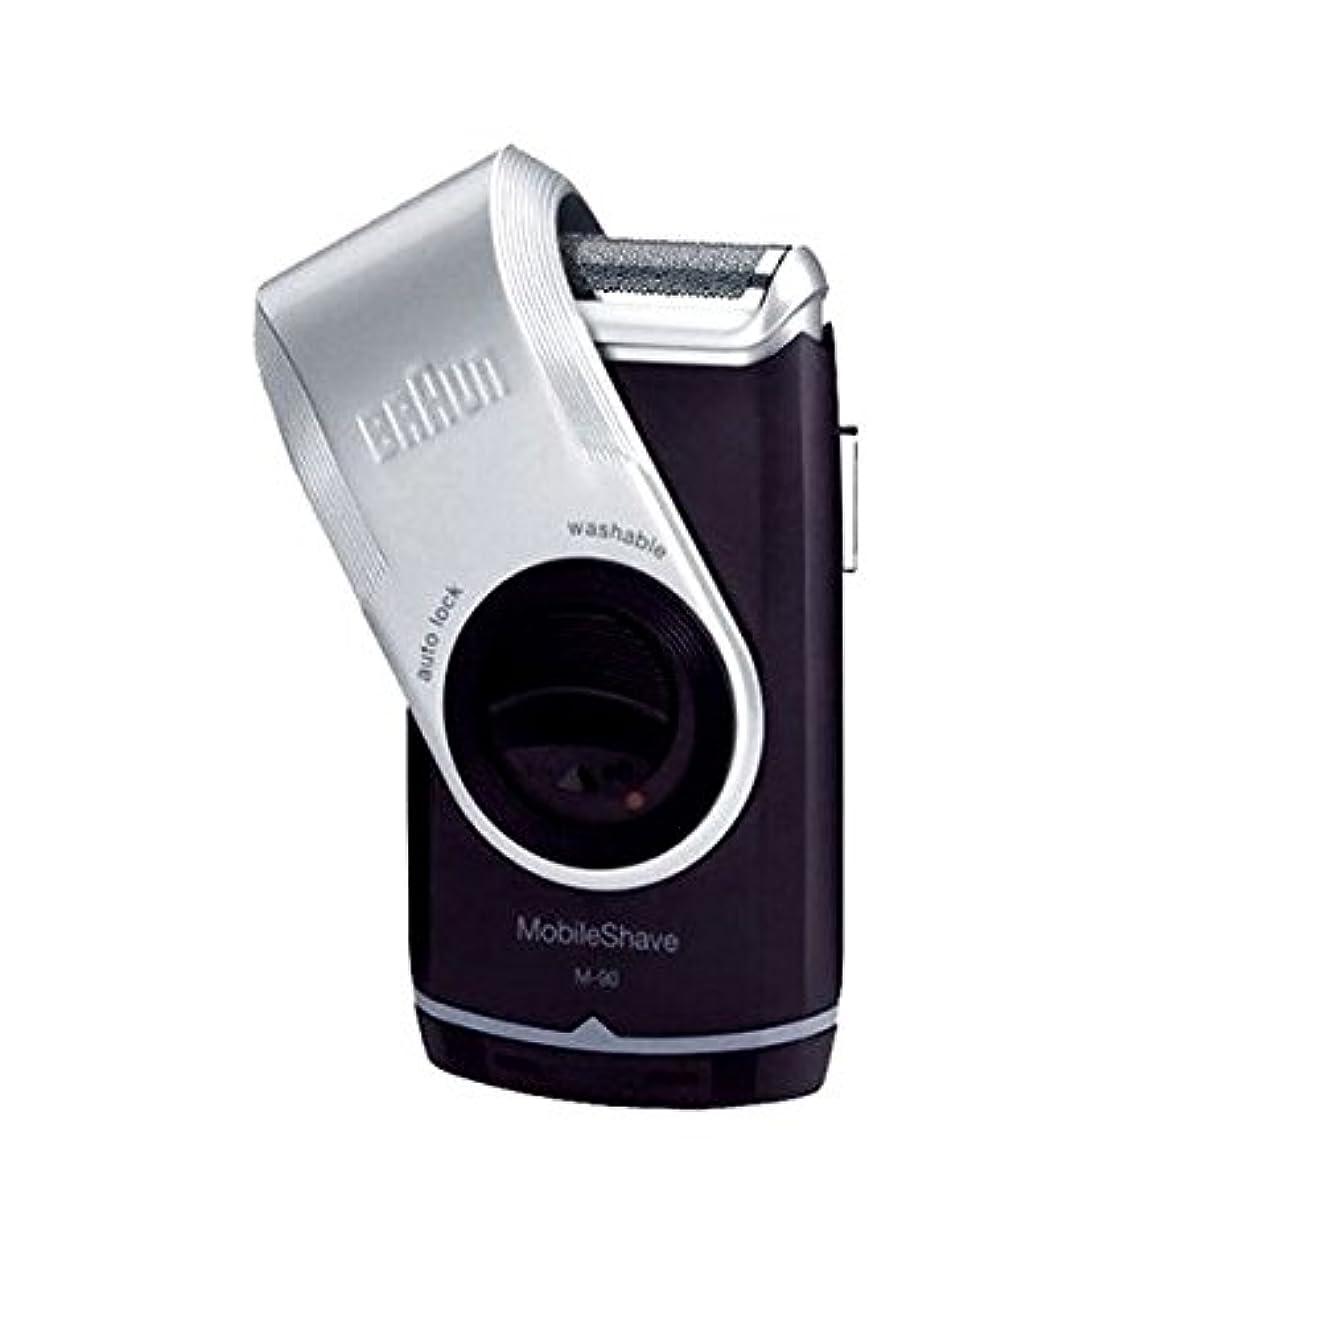 トレード運河サバントBRAUN ブラウン 乾電池式 携帯用メンズシェーバー Mobile Shave M-90